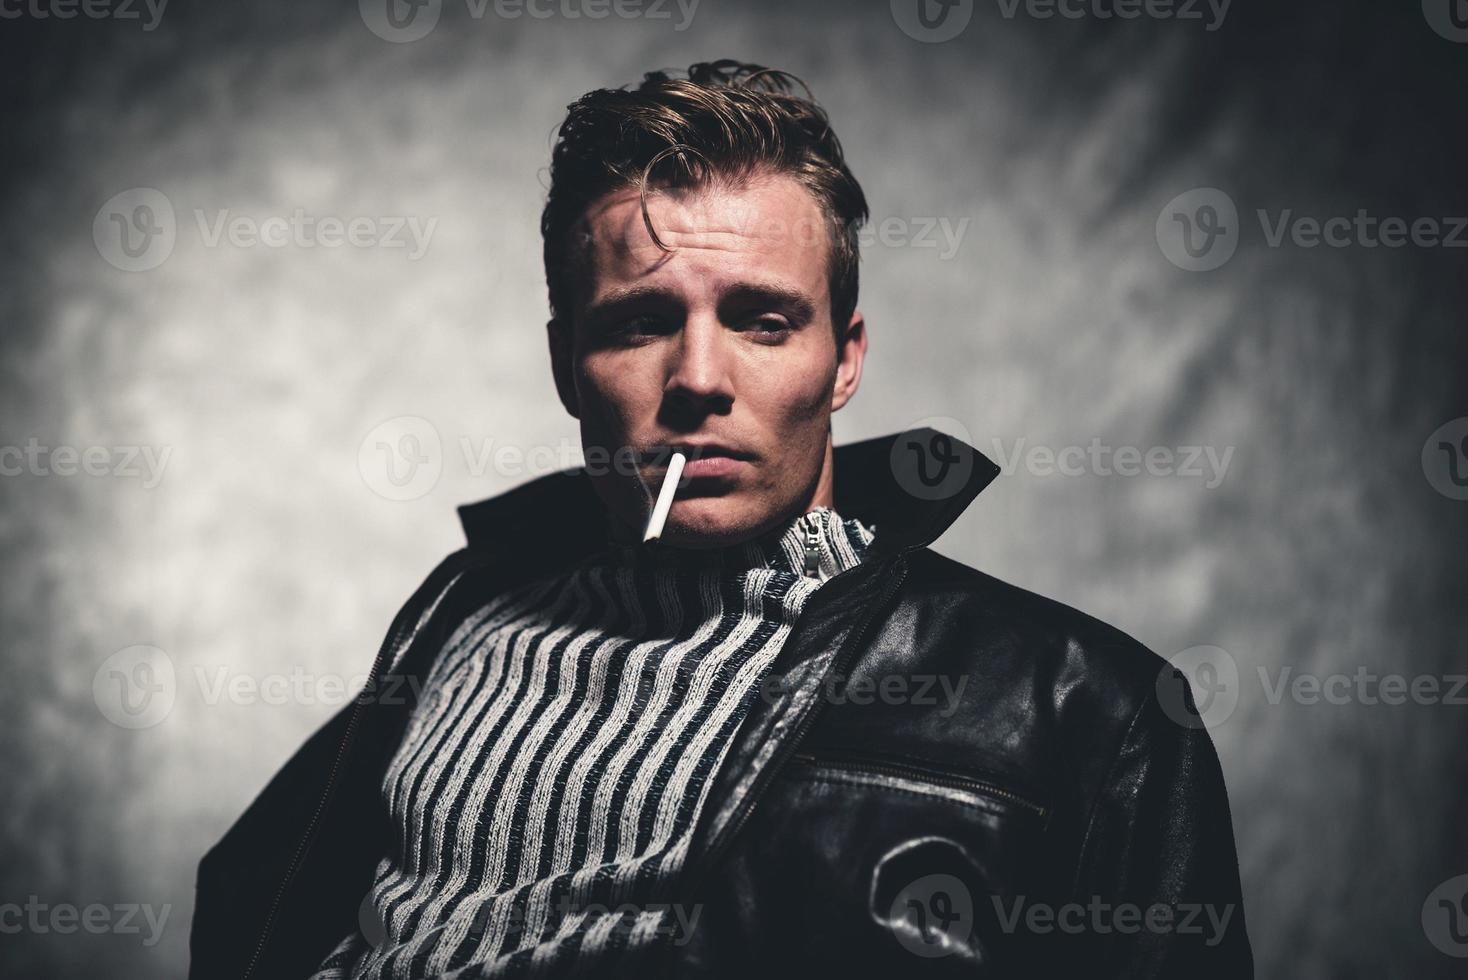 fumar cigarrillos retro años cincuenta guay rebelión moda hombre. foto